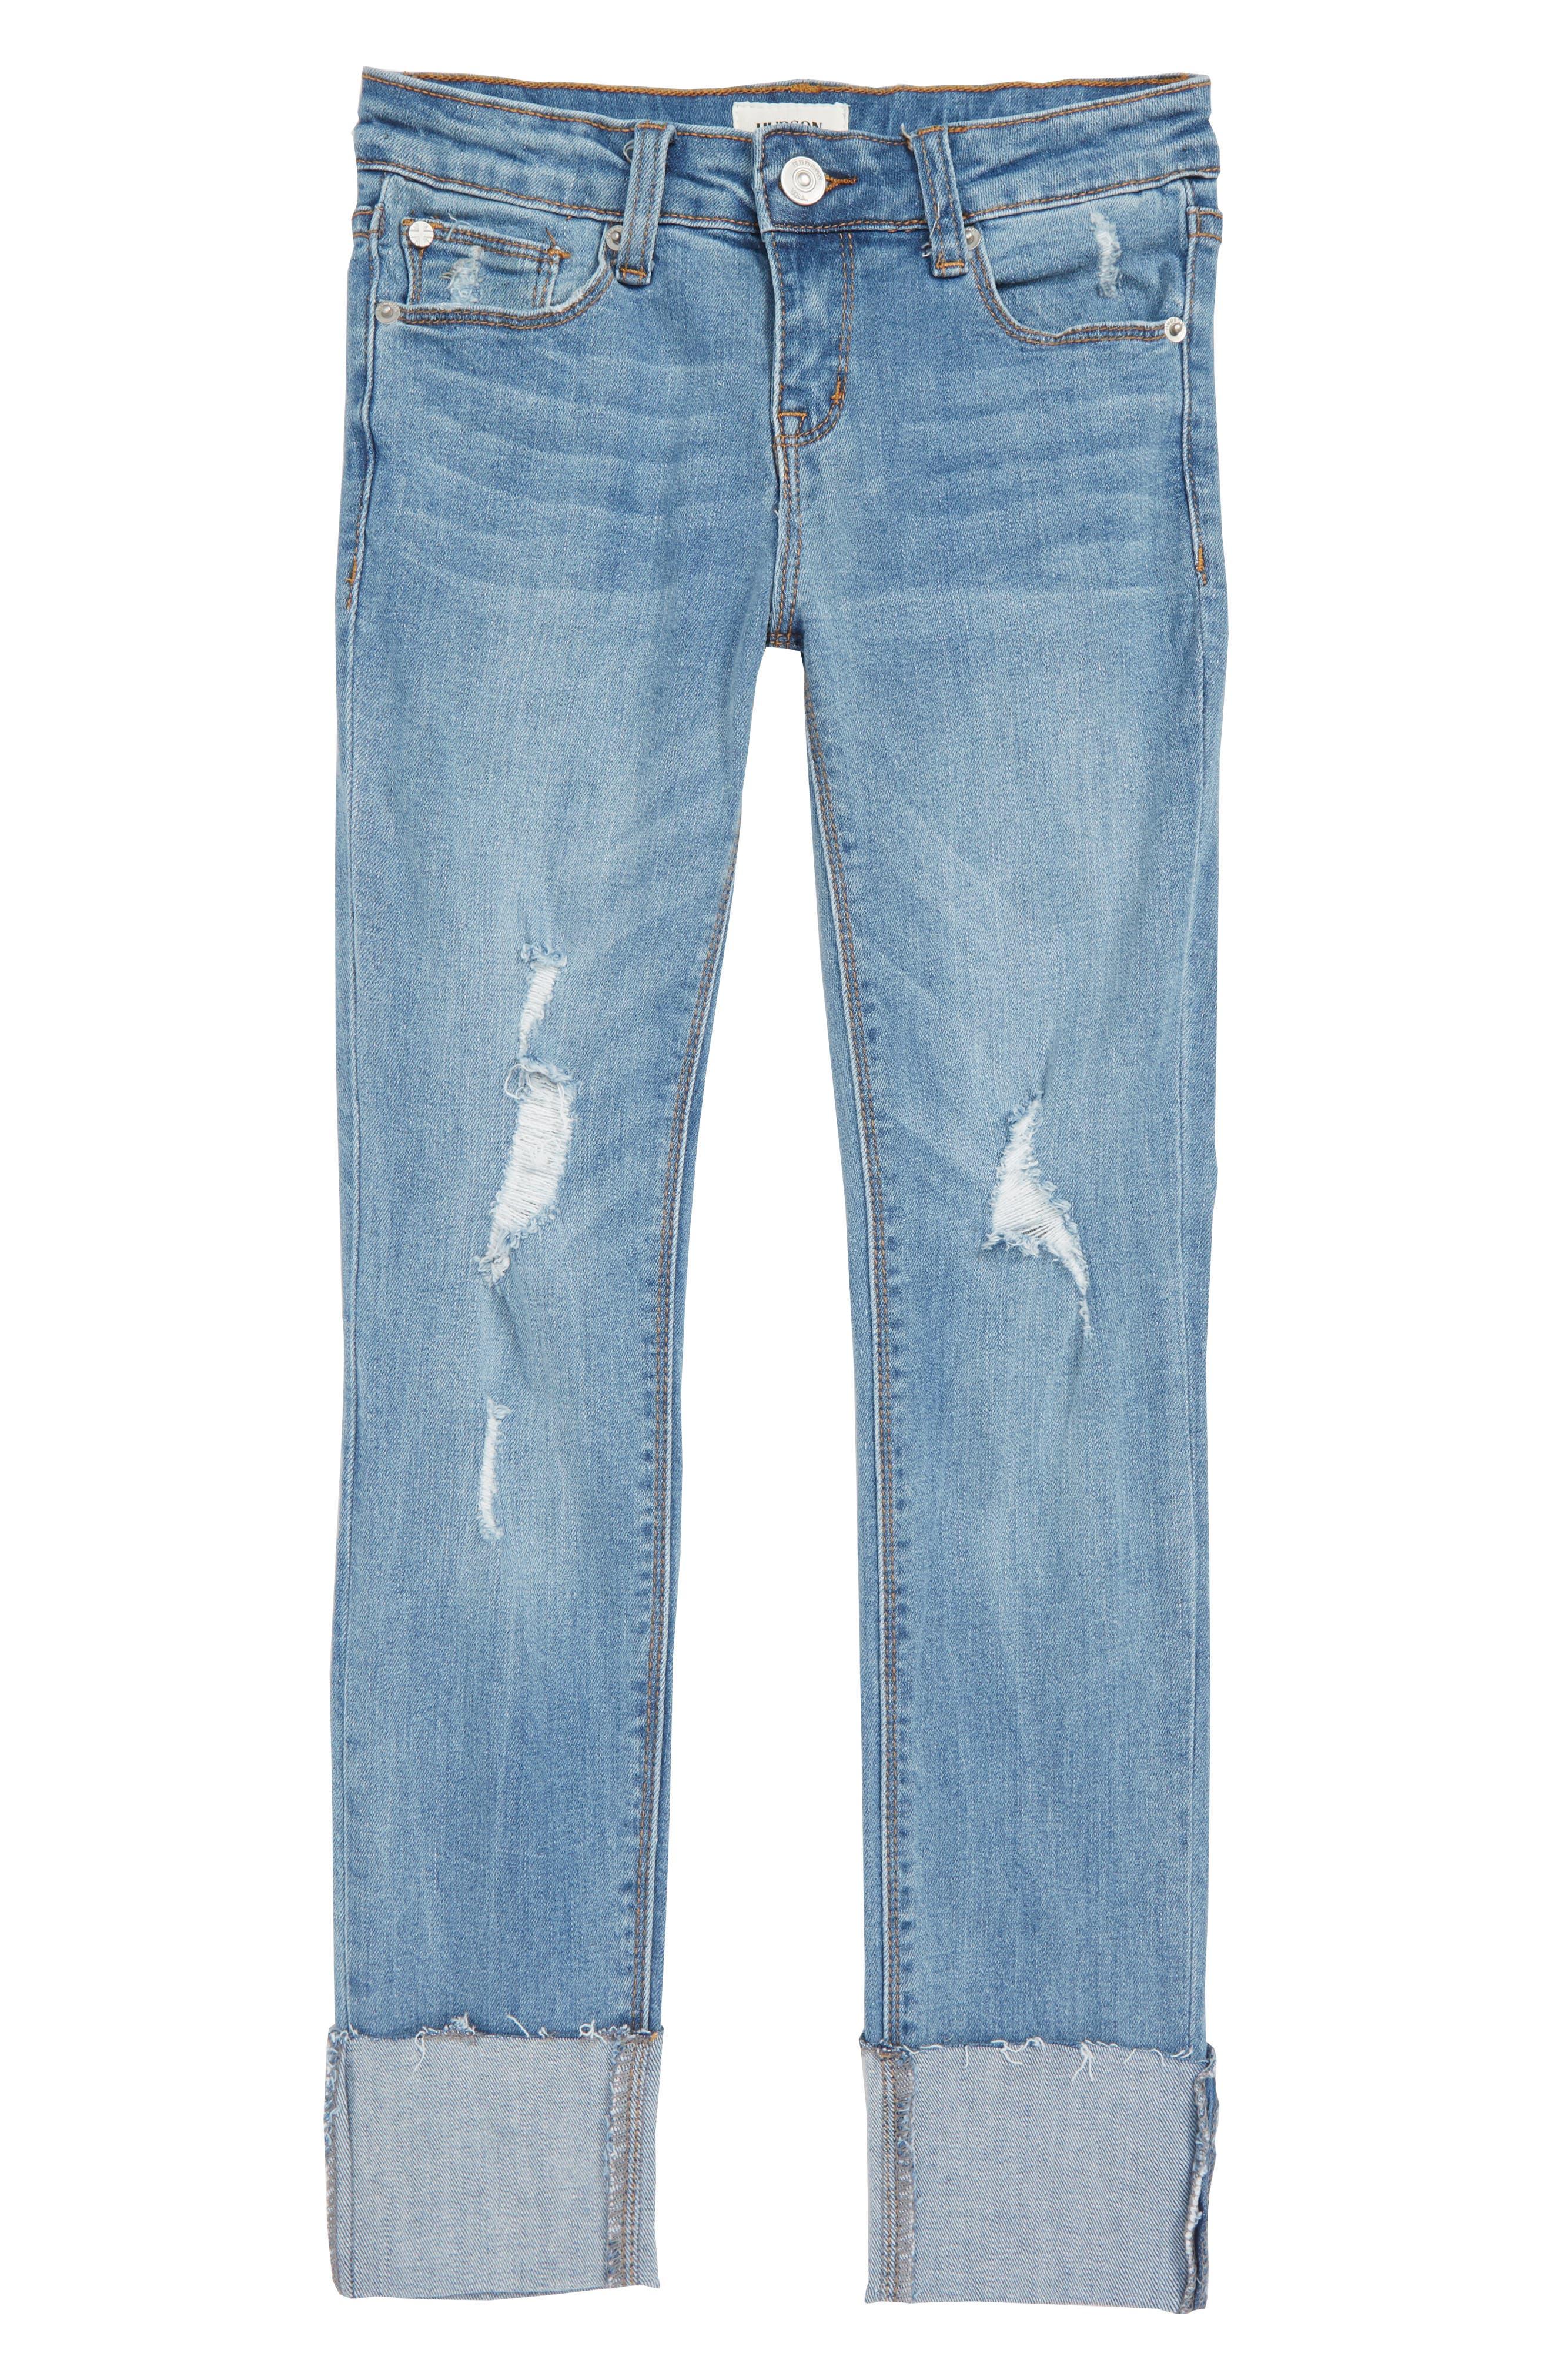 Kaia Convertible Skinny Jeans,                             Main thumbnail 1, color,                             COASTAL BLUE WASH